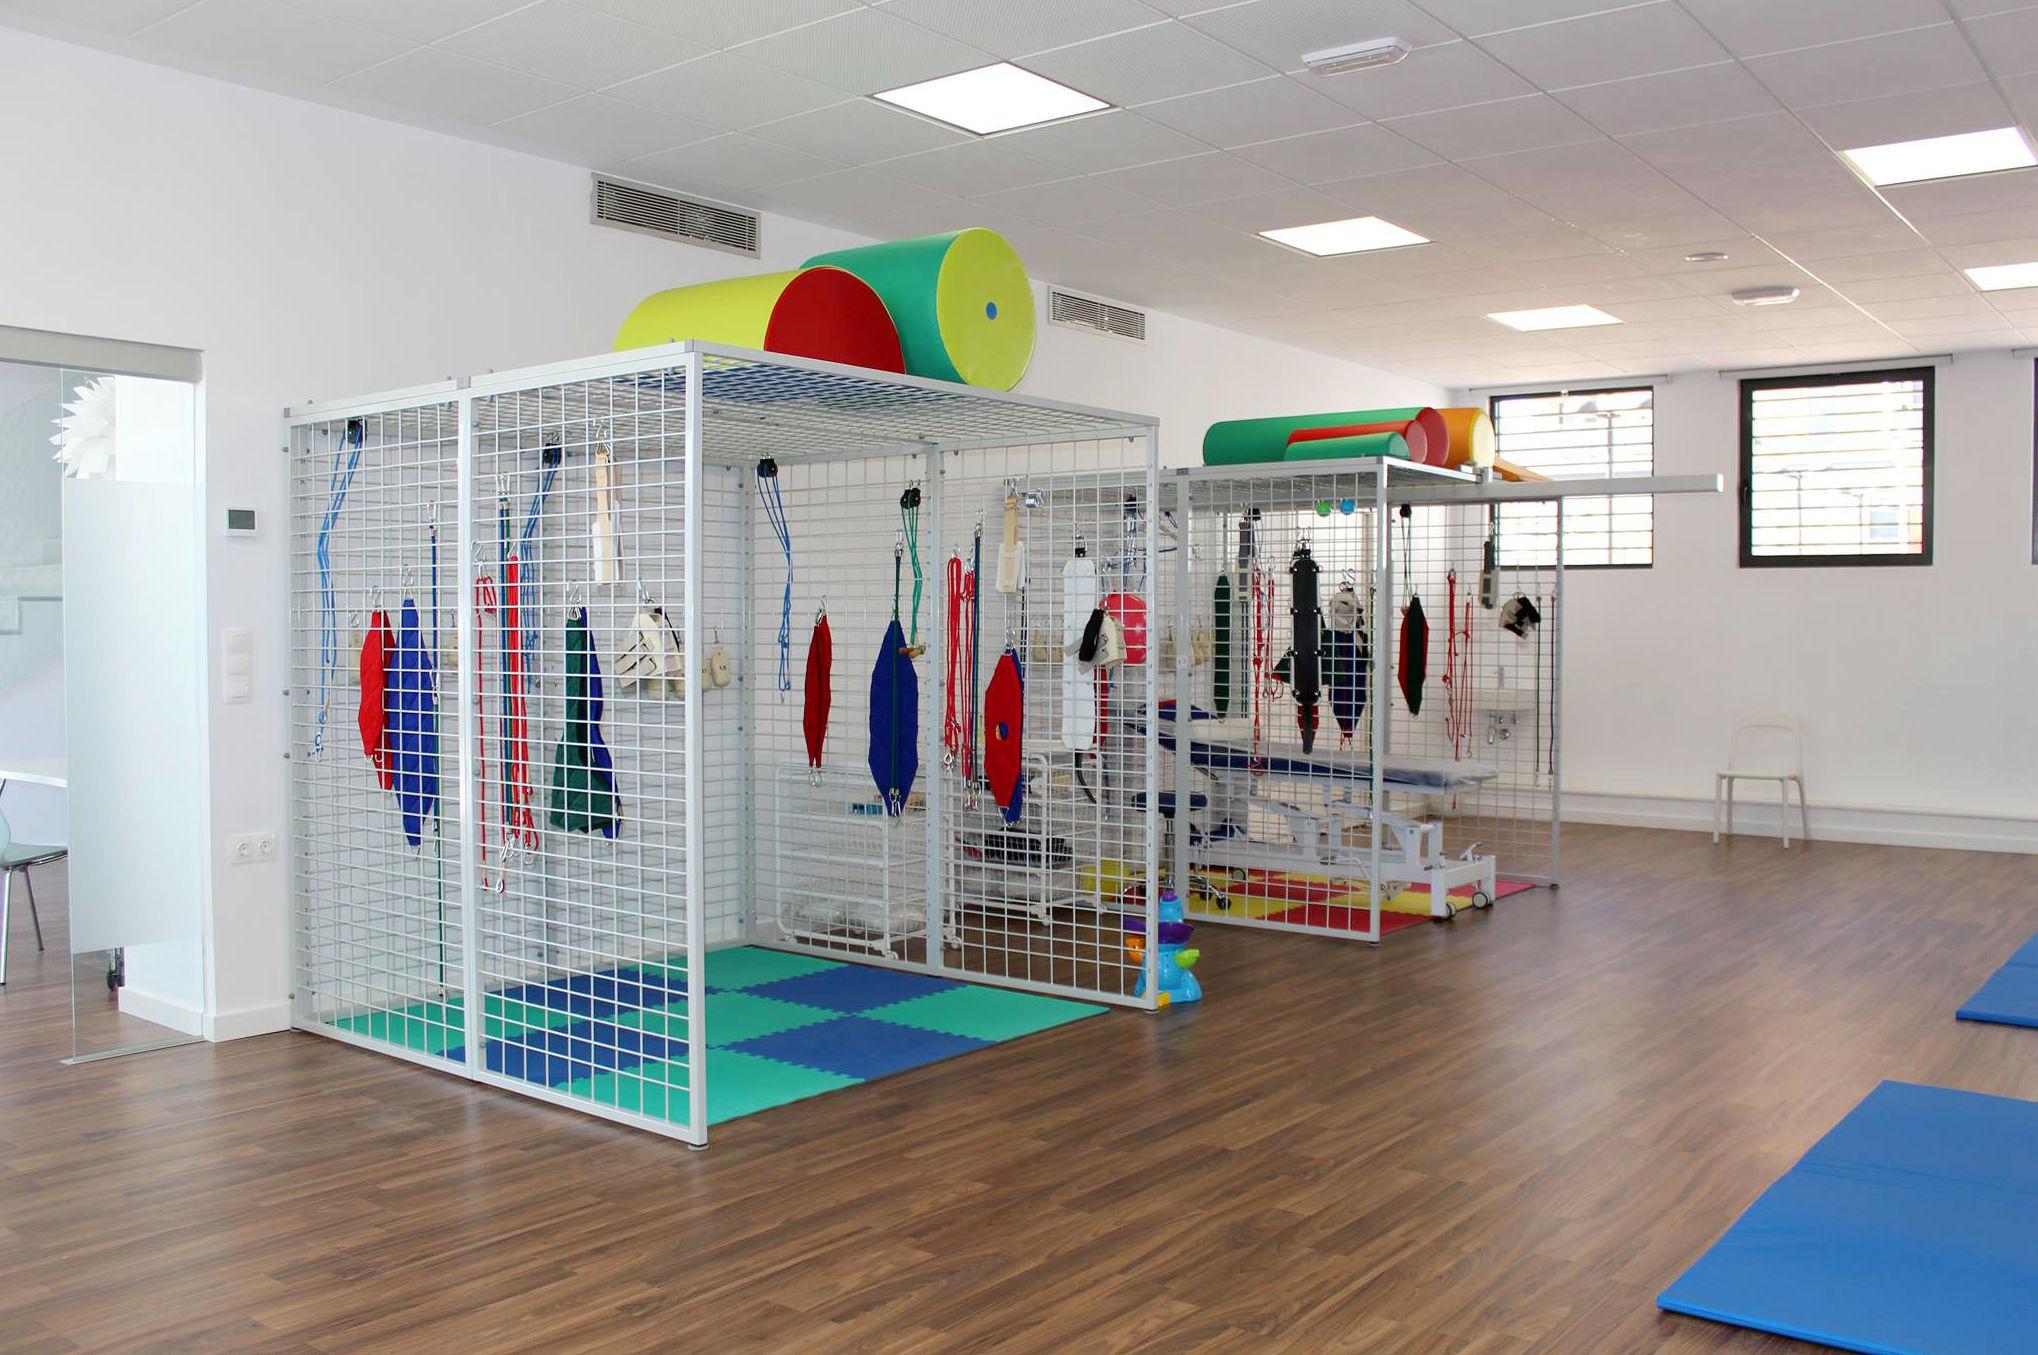 Centro de tratamiento de niños y adultos